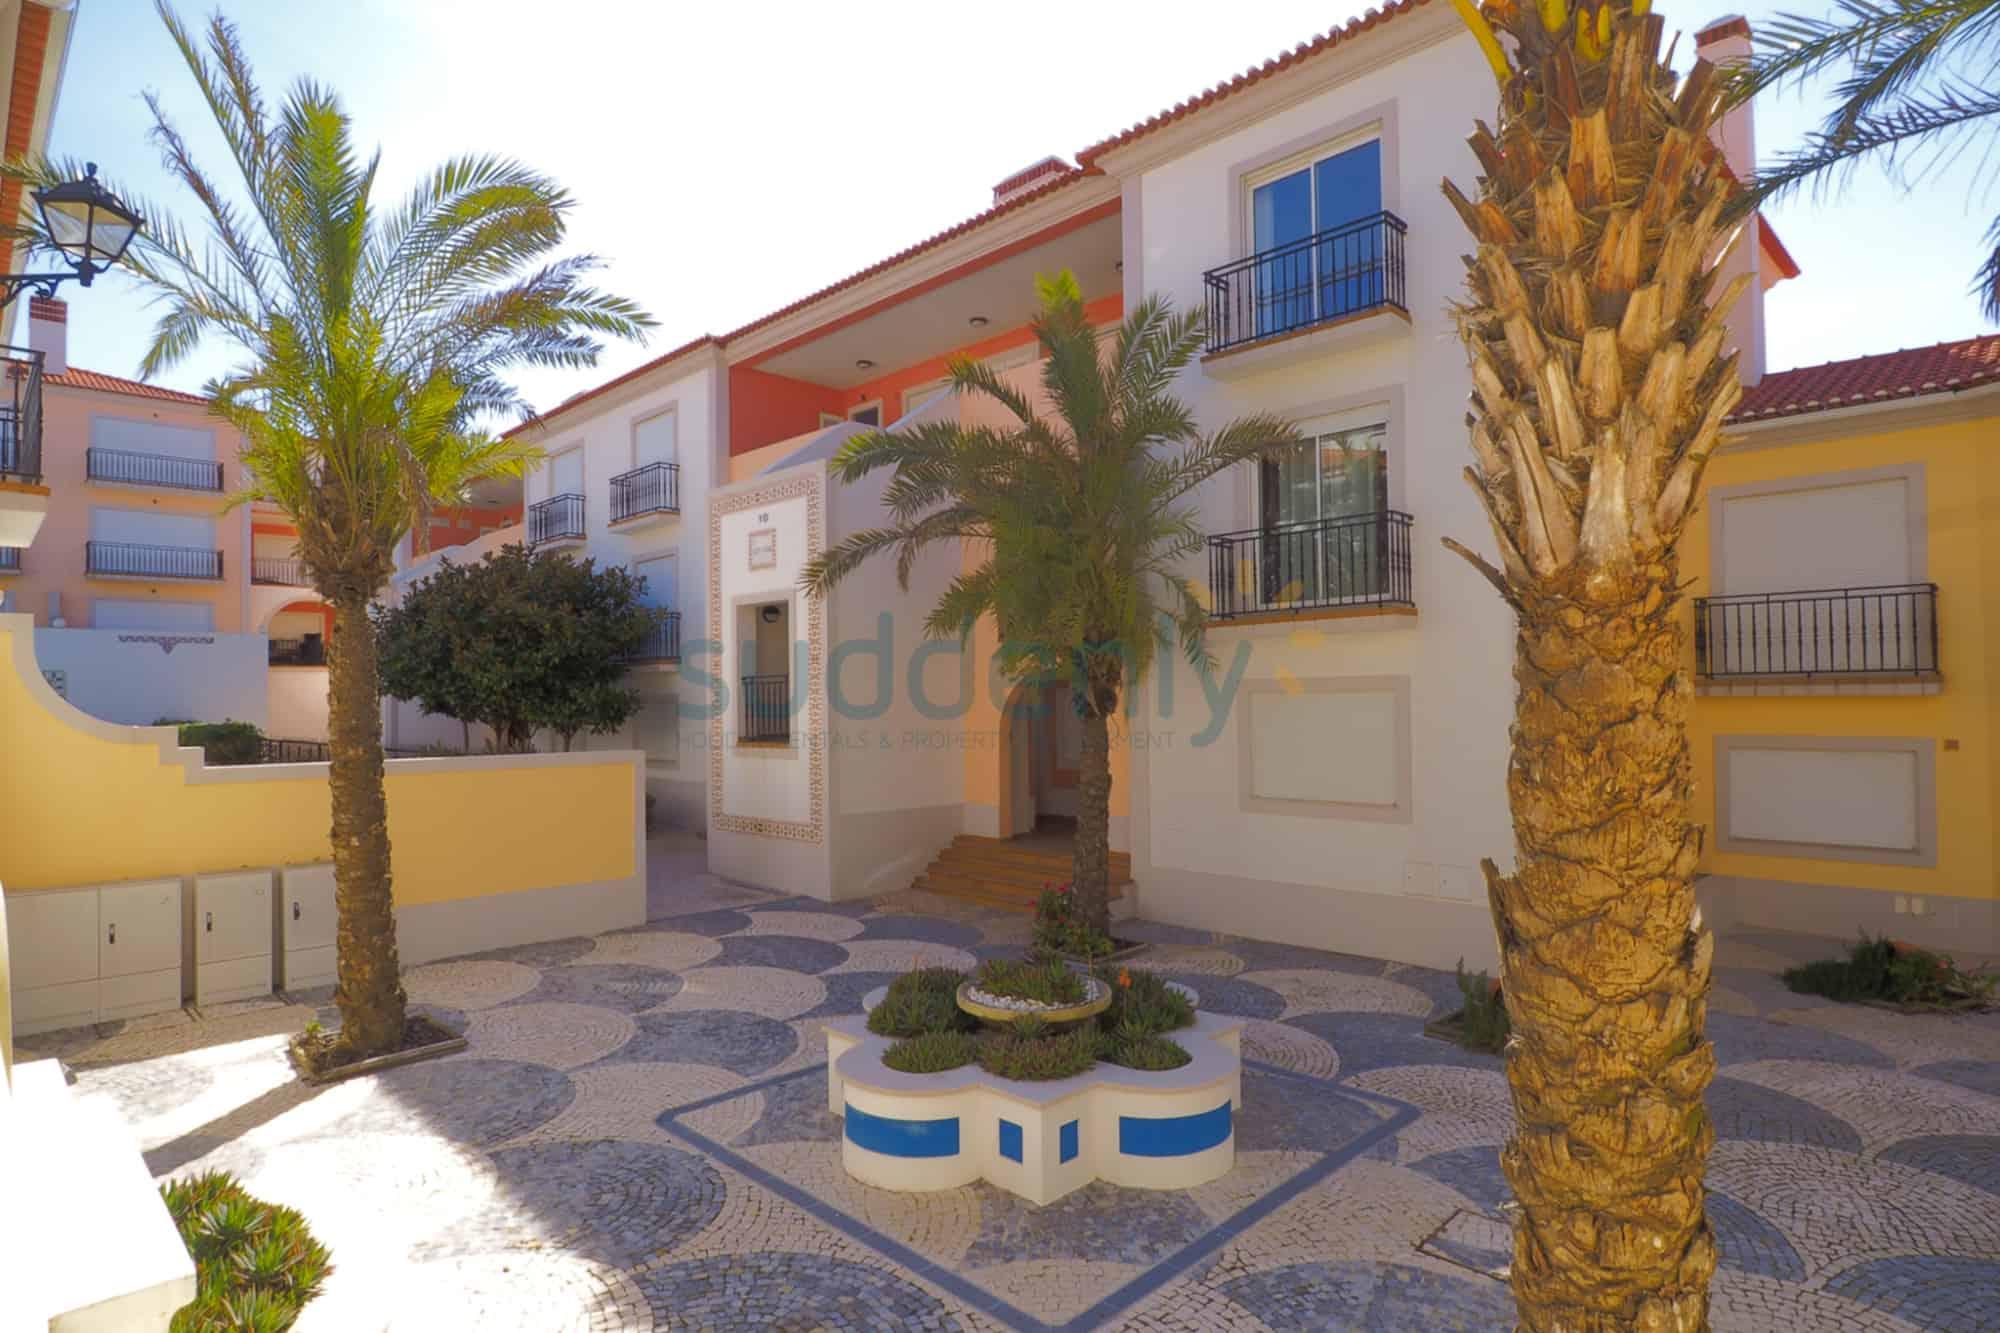 Holiday Rentals in Praia D'El Rey 258